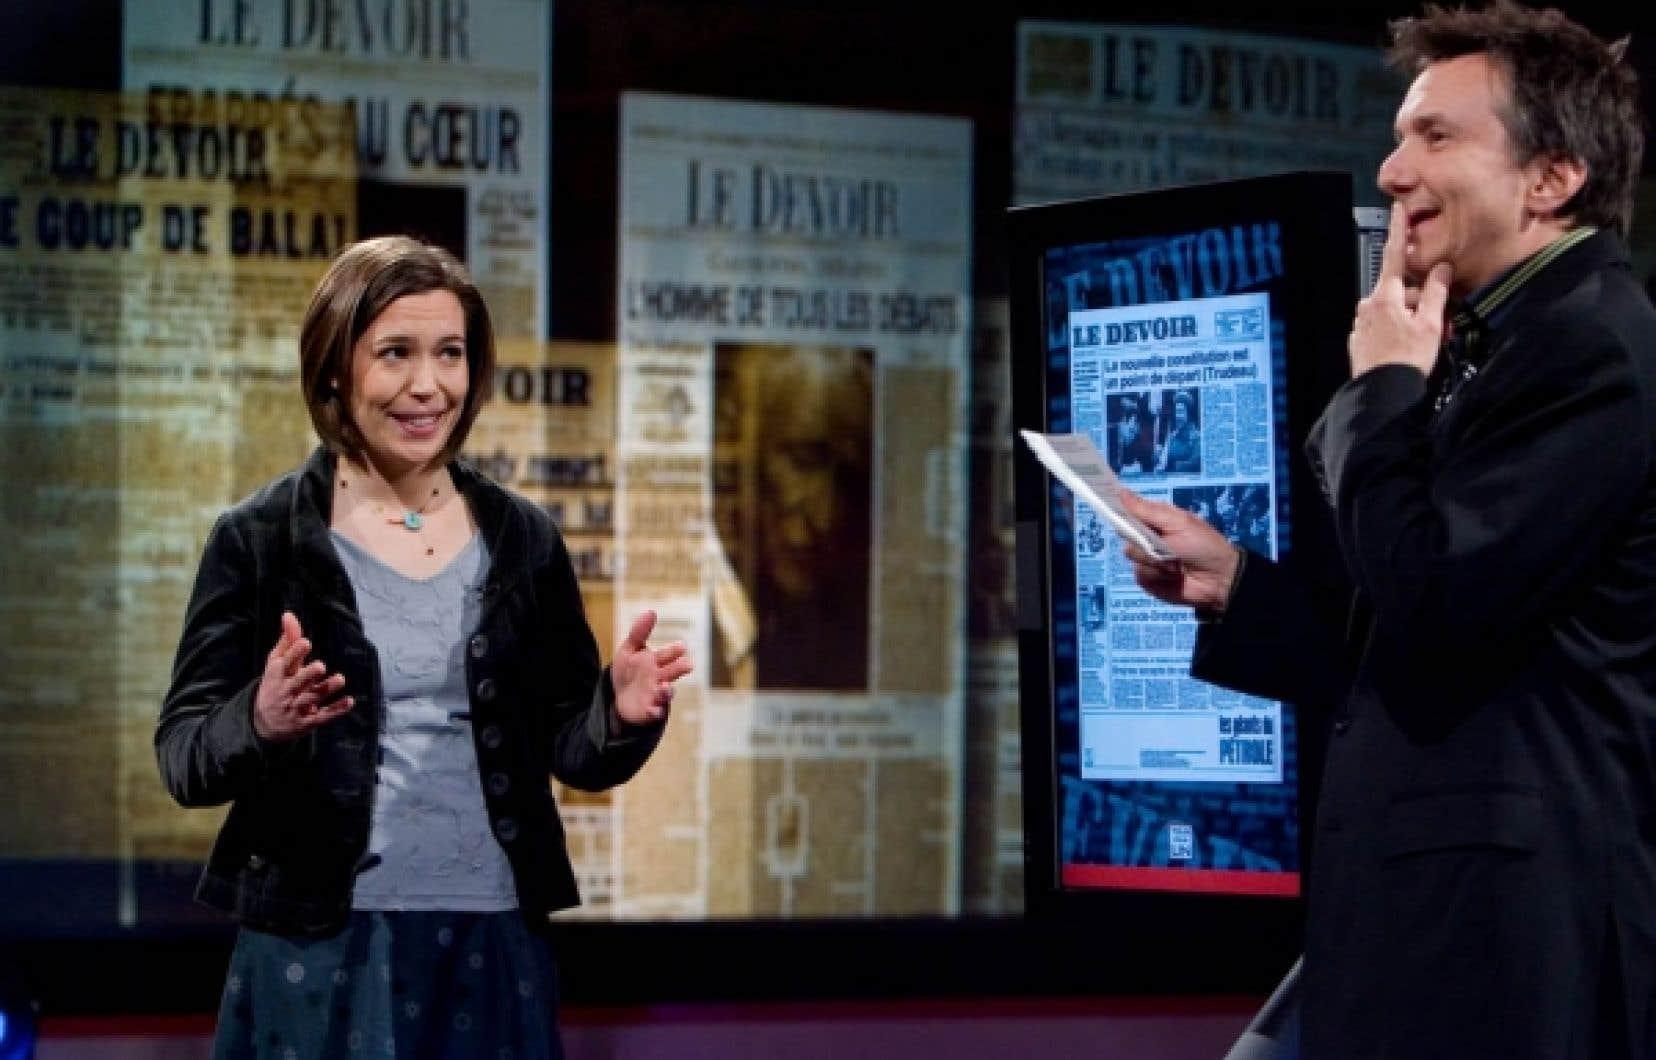 L'enseignante Marie-Christine Lalande a réussi avec brio l'épreuve de l'émission spéciale Tous pour un sur Le Devoir, animée par Francis Reddy.